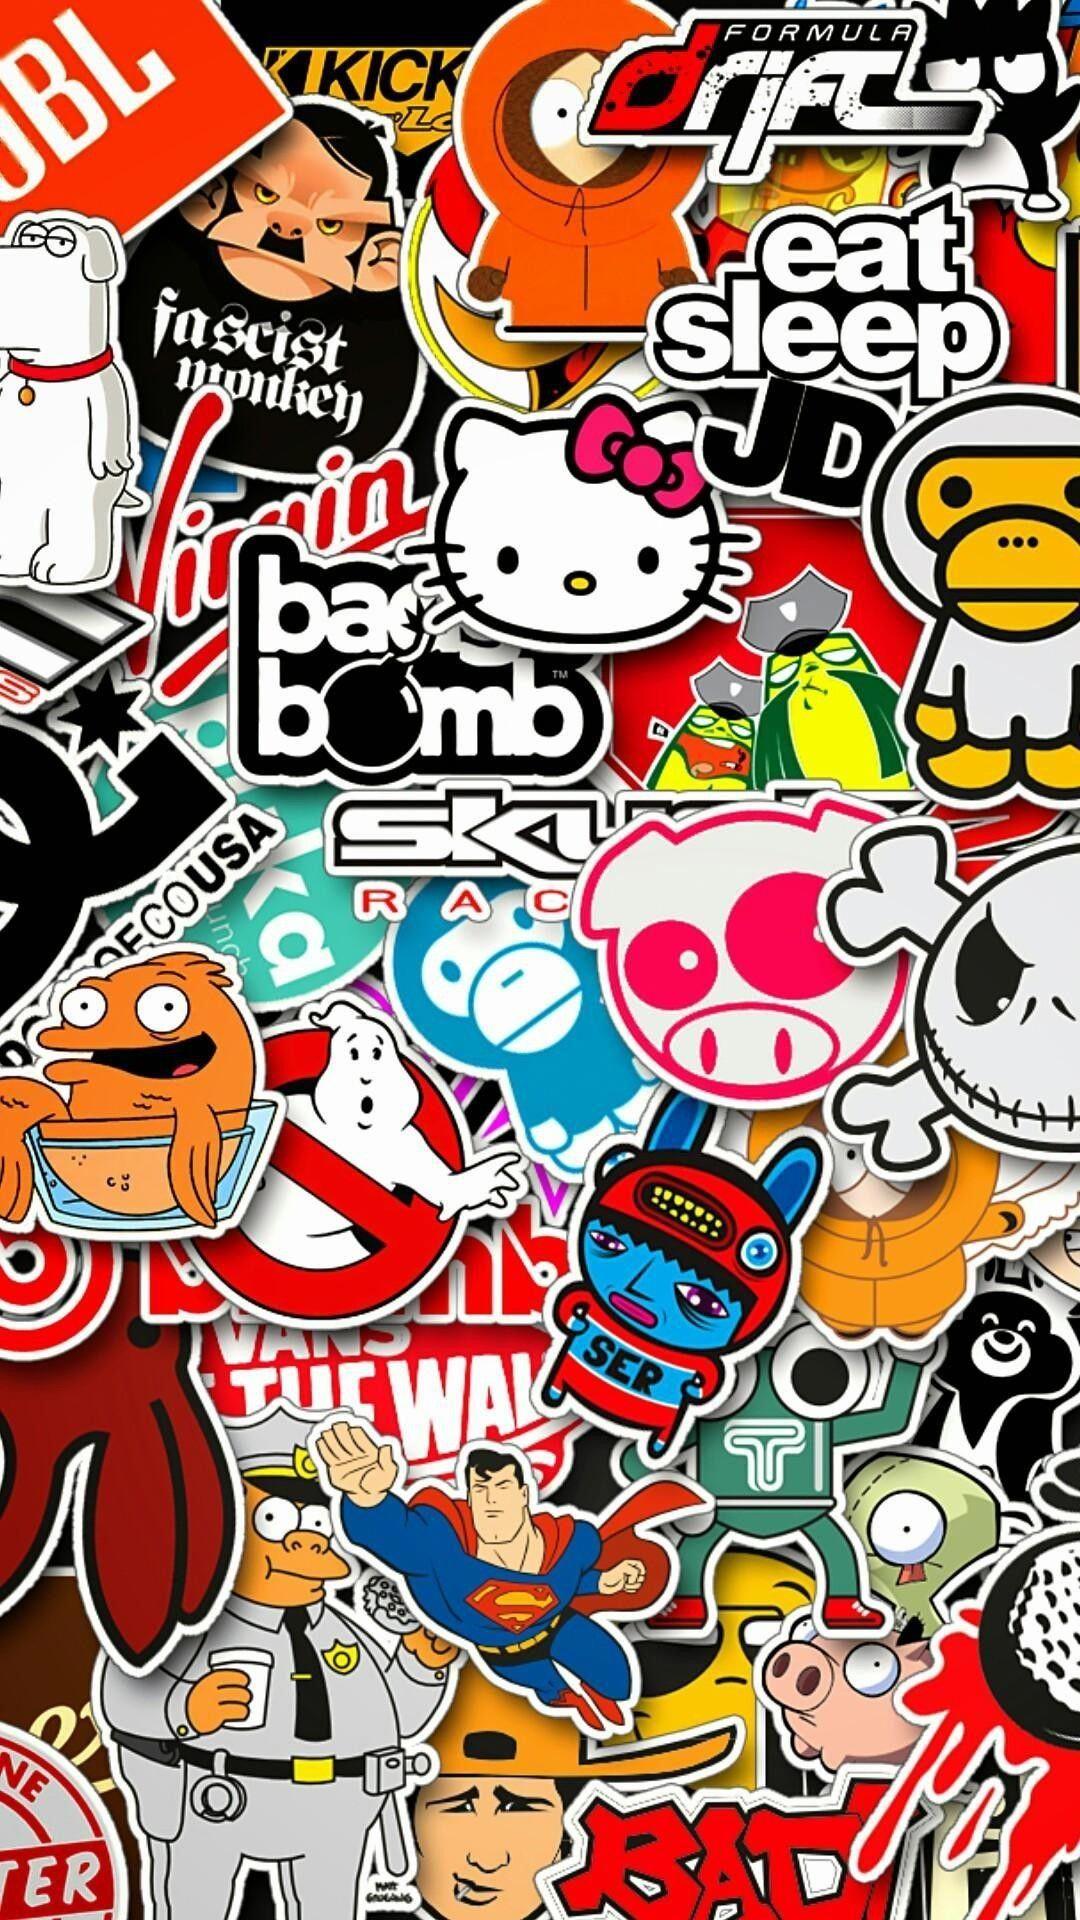 1080x1920 1080 X 1920 Background Vertical Download Free Laptopsfondos Seni Jalanan Seni Doodle Ilustrasi Poster